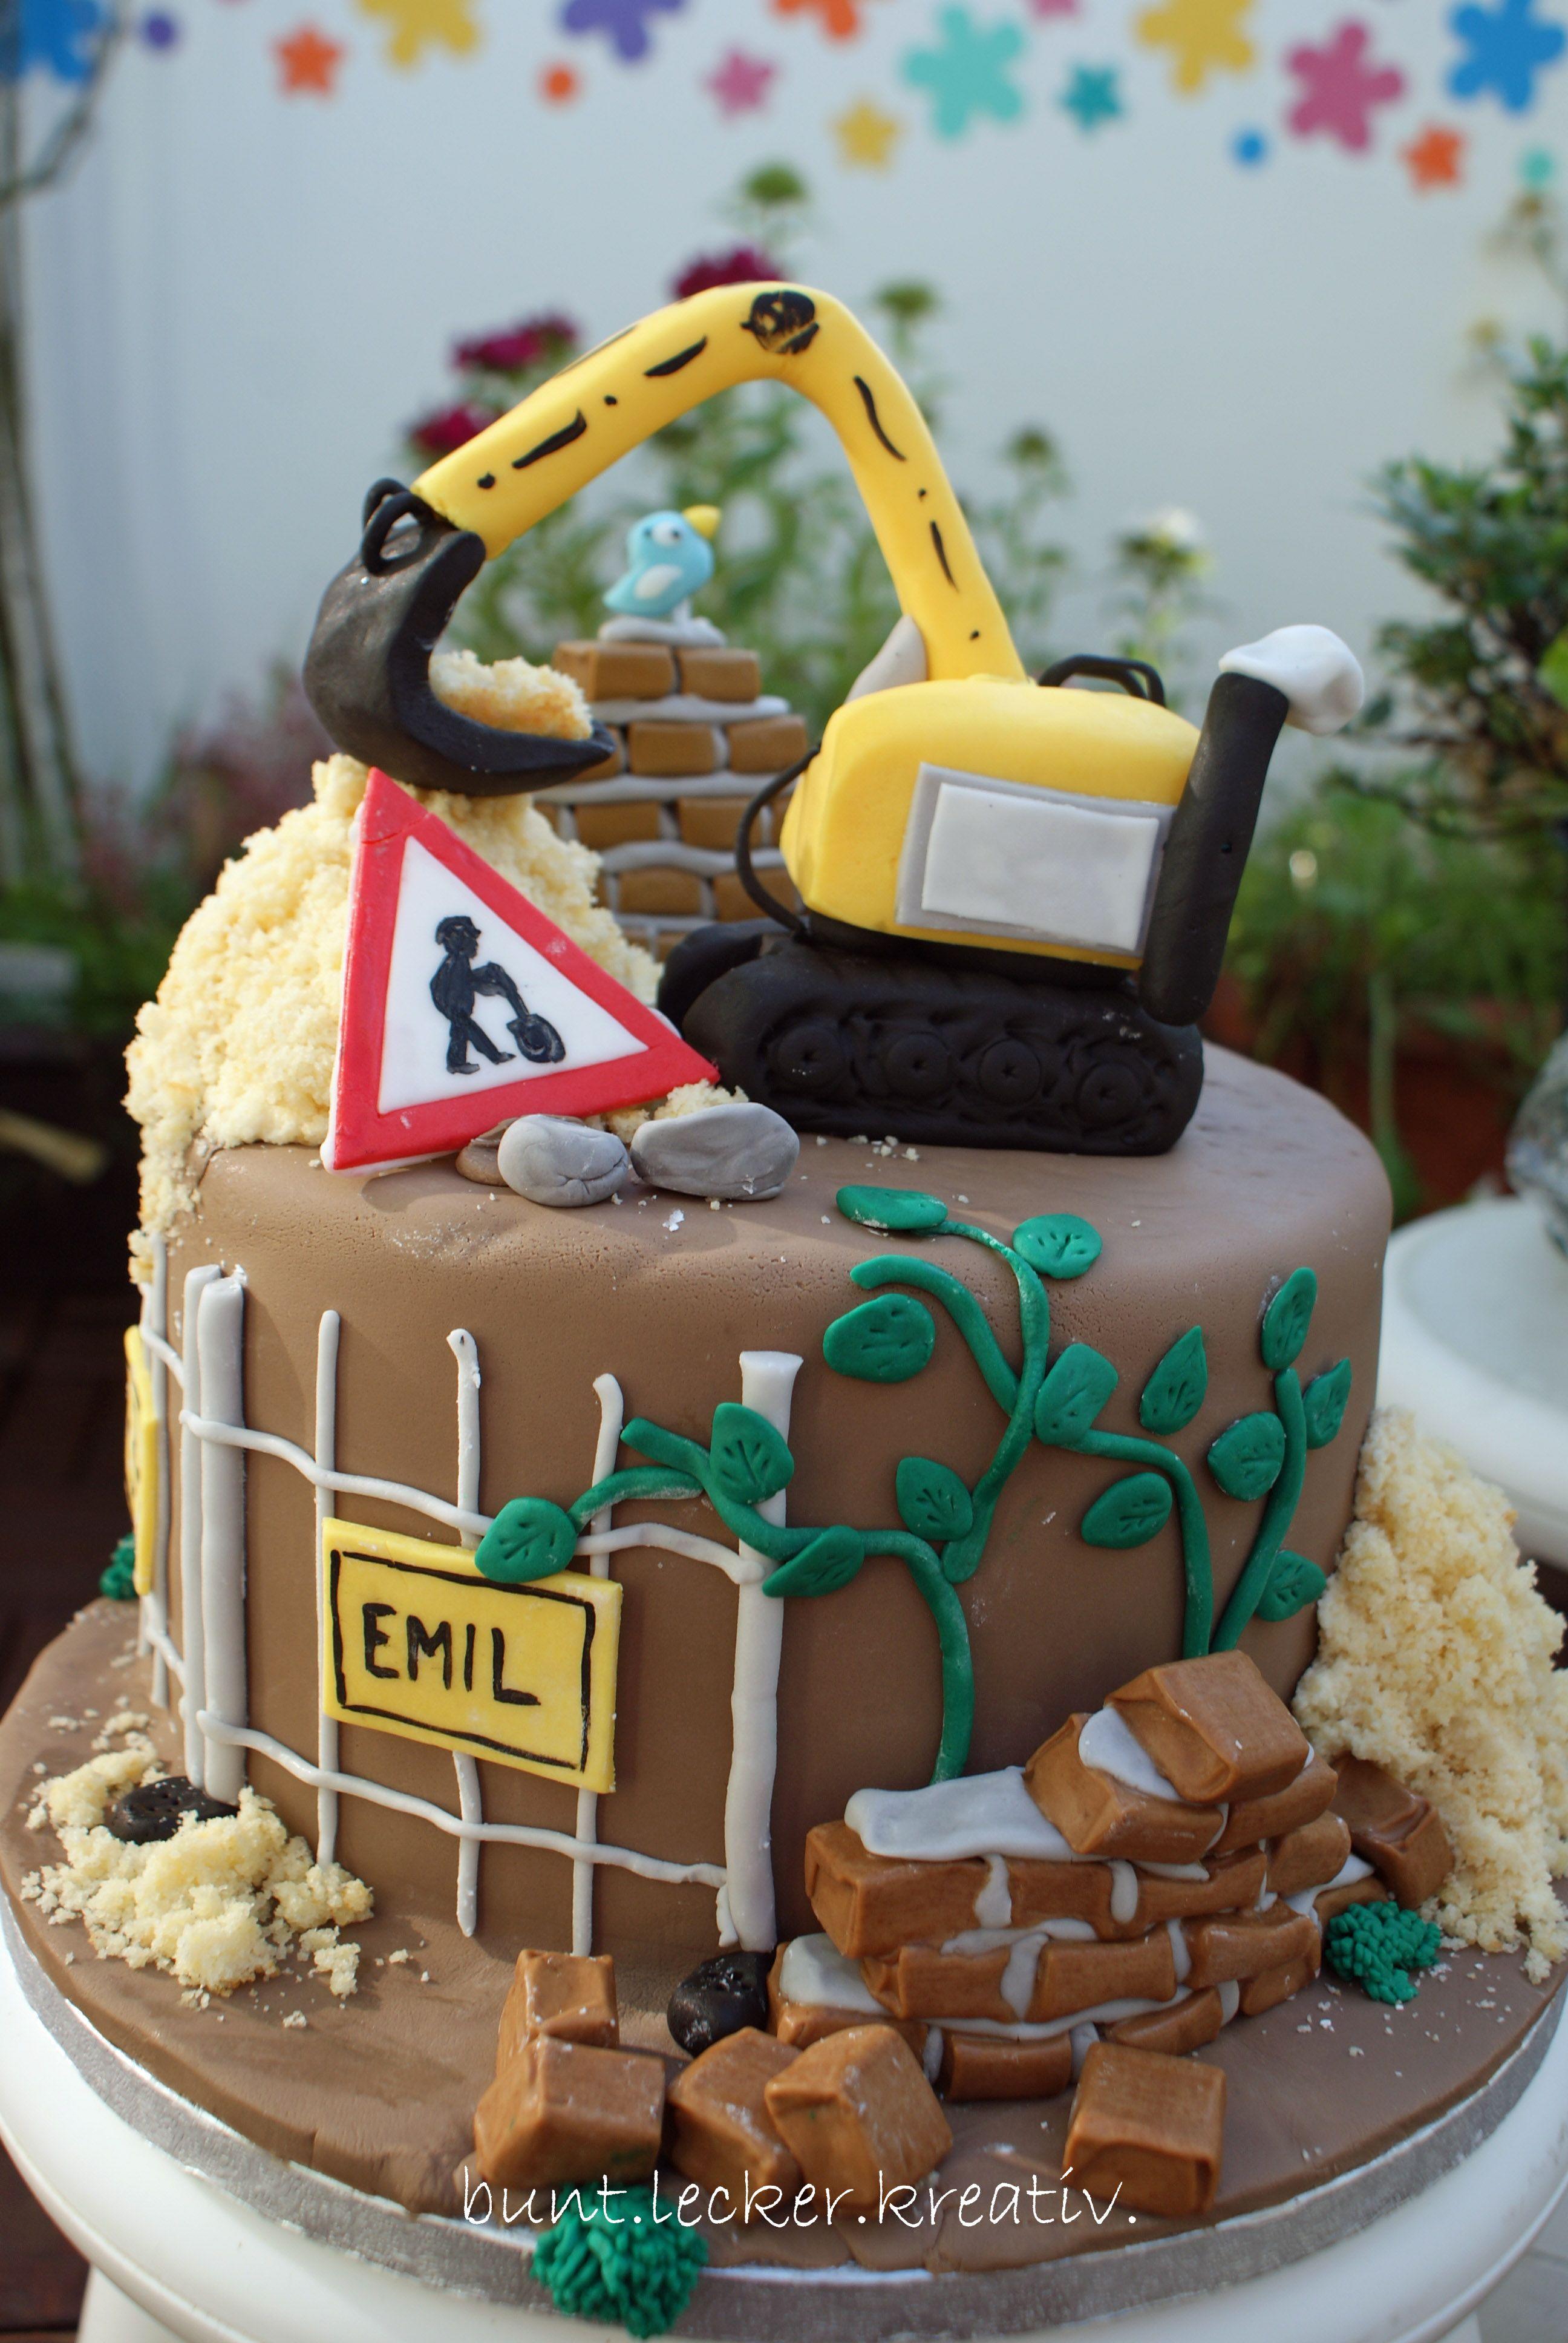 bagger baustellen torte zum kindergeburtstag cake with digger construction area for a. Black Bedroom Furniture Sets. Home Design Ideas